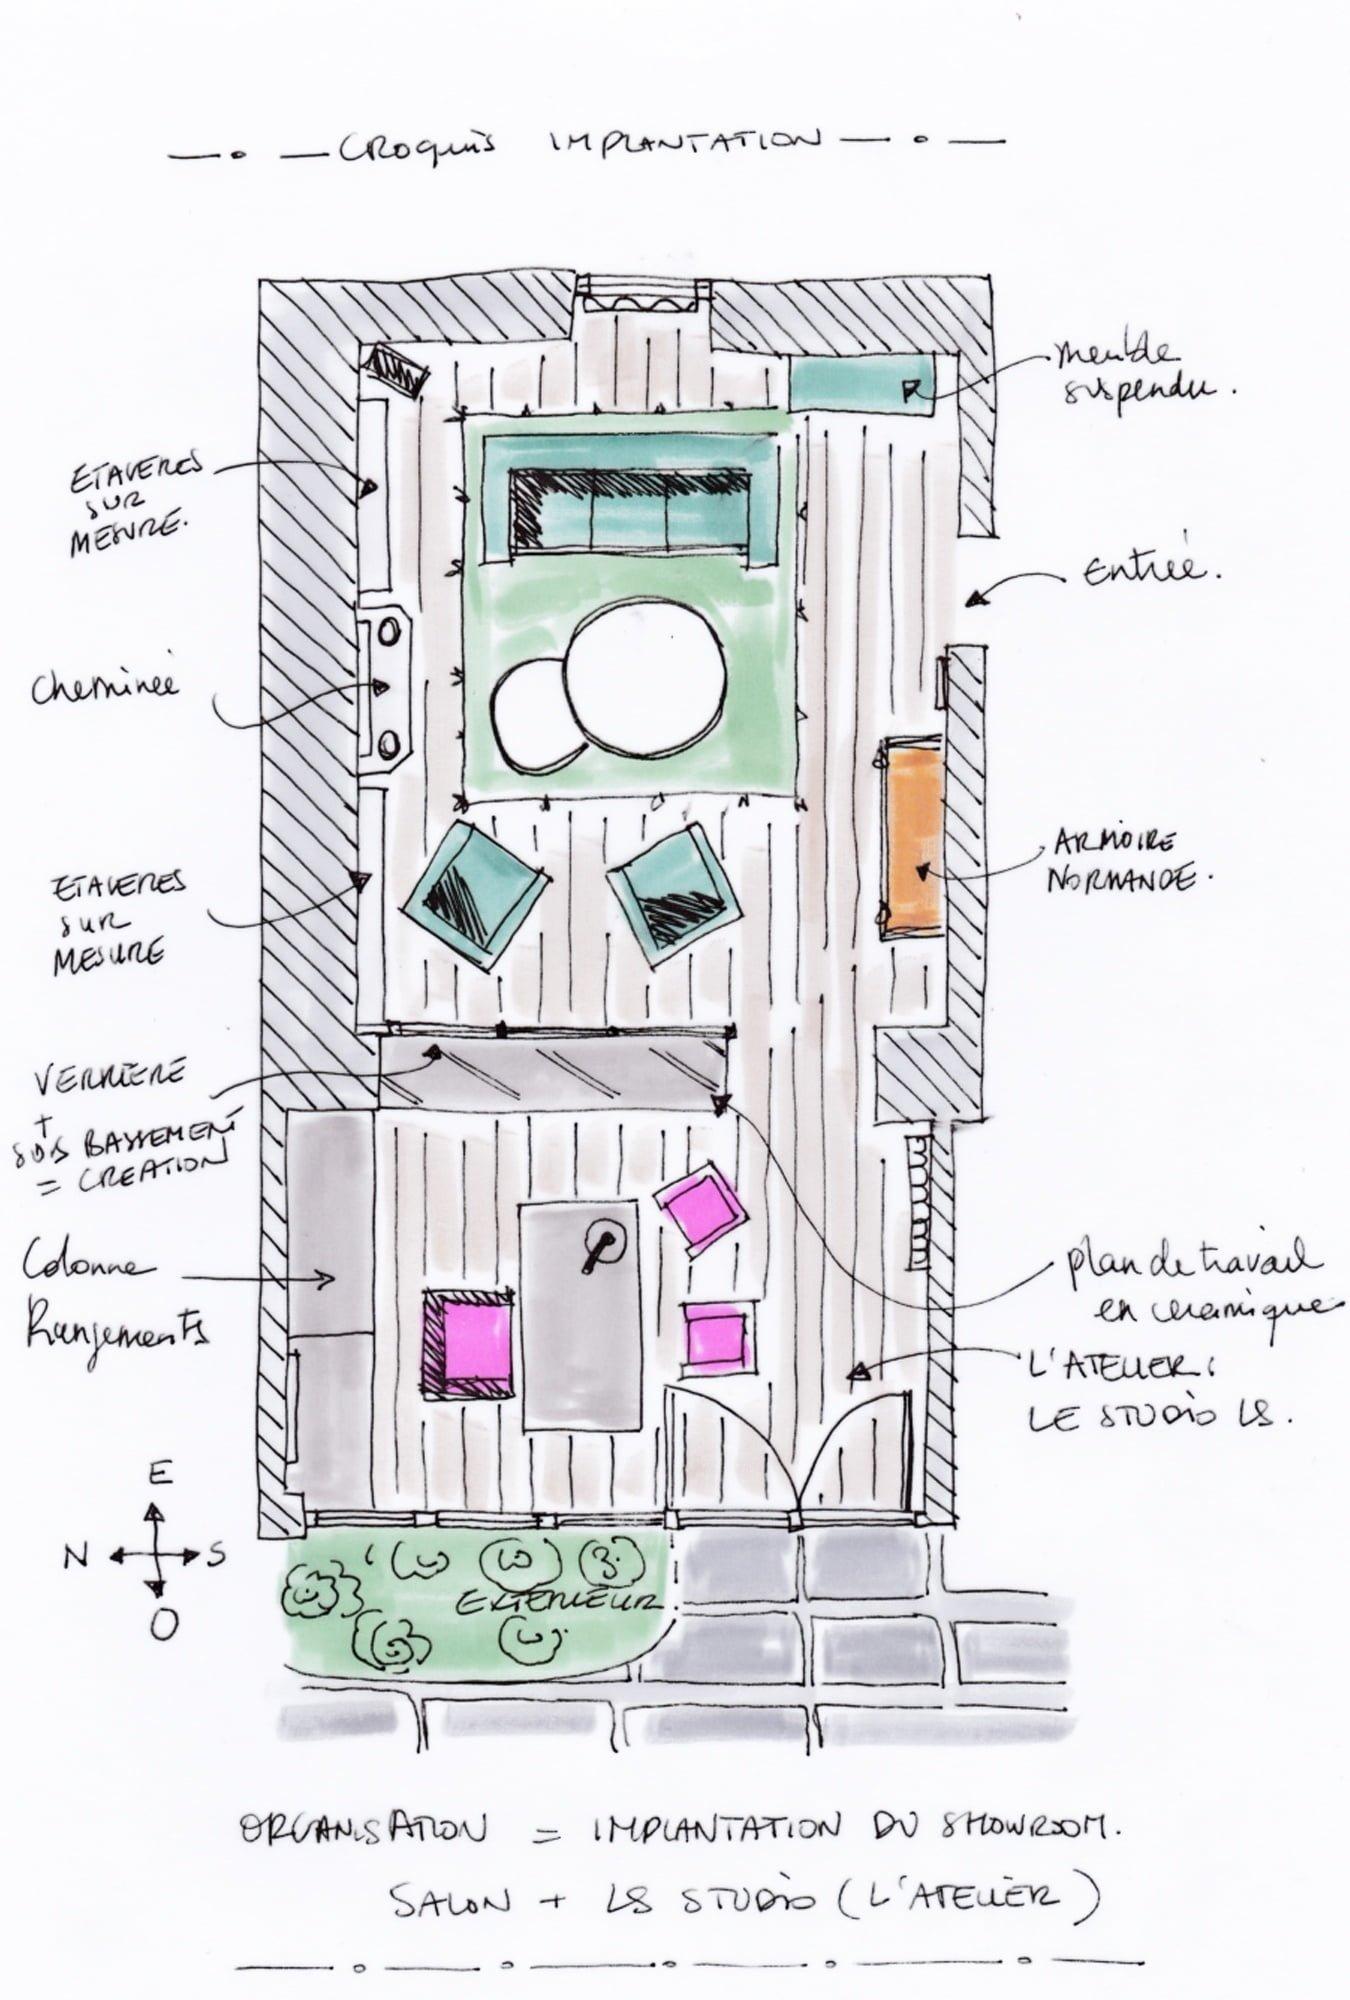 plan croquis implantation dessin showroom ls studio architecte intérieur vannes